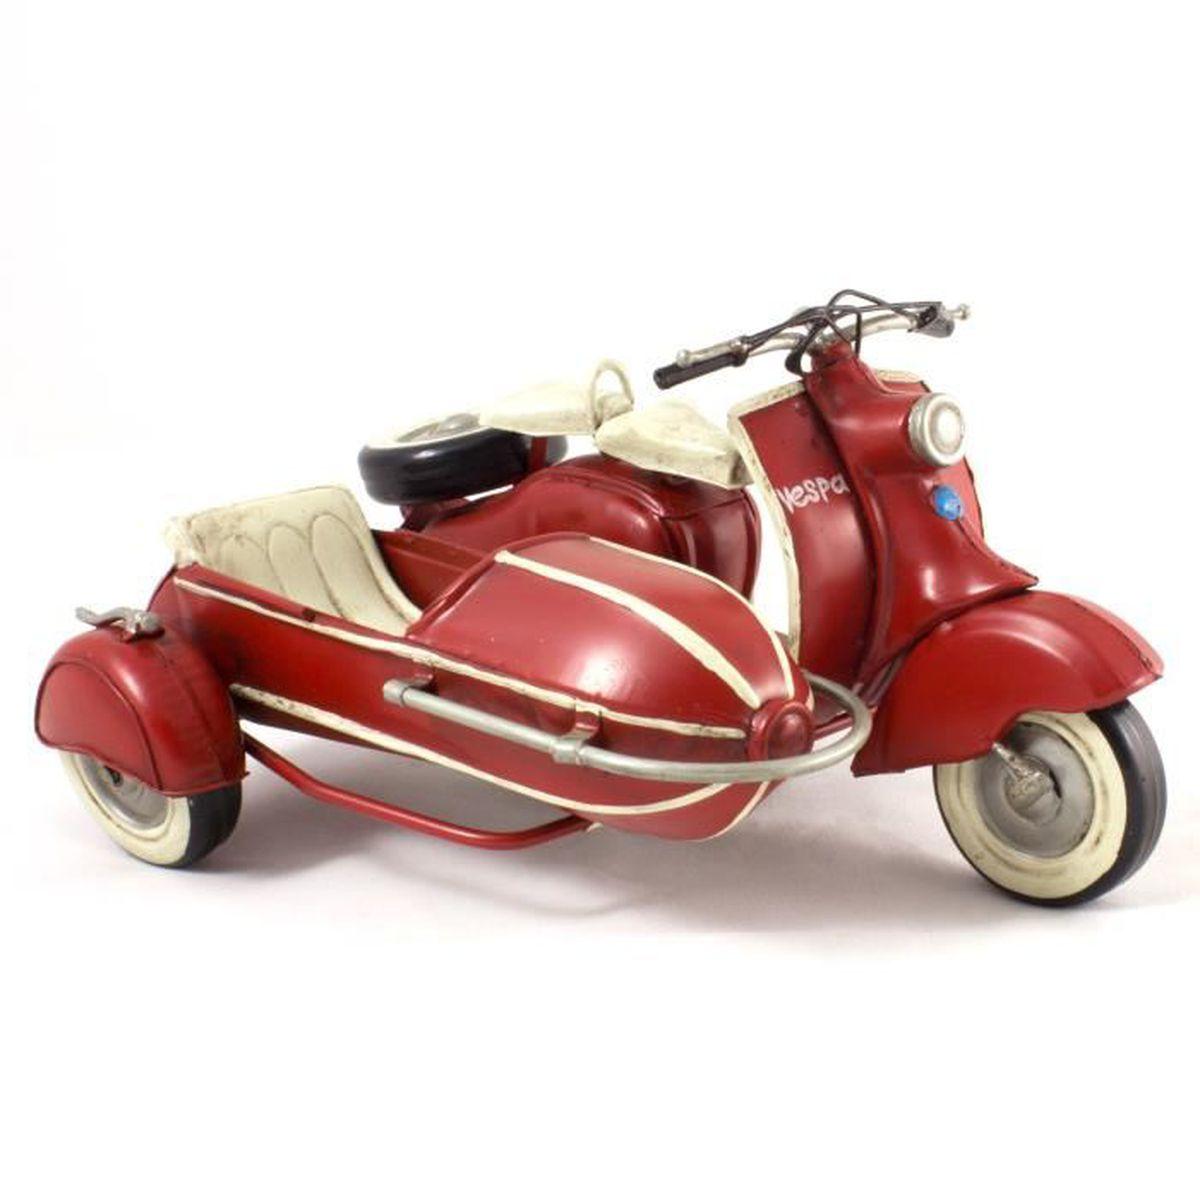 mod le r duit m tal vintage scooter avec side car dimensions 22 18 11 cm couleur rouge. Black Bedroom Furniture Sets. Home Design Ideas